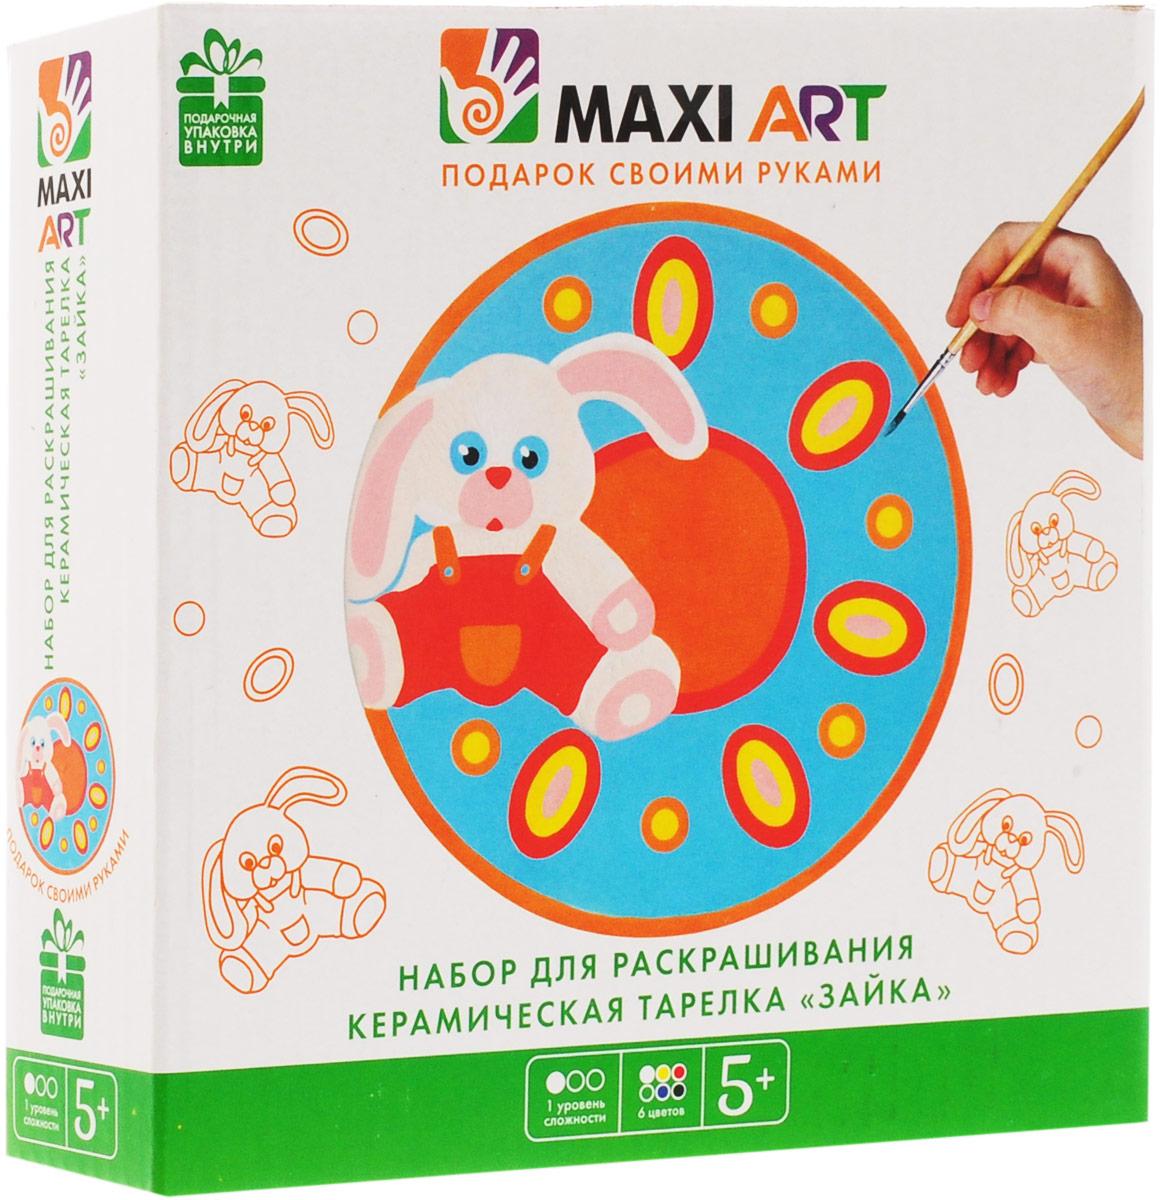 Maxi Art Набор для росписи Керамическая тарелка Зайка